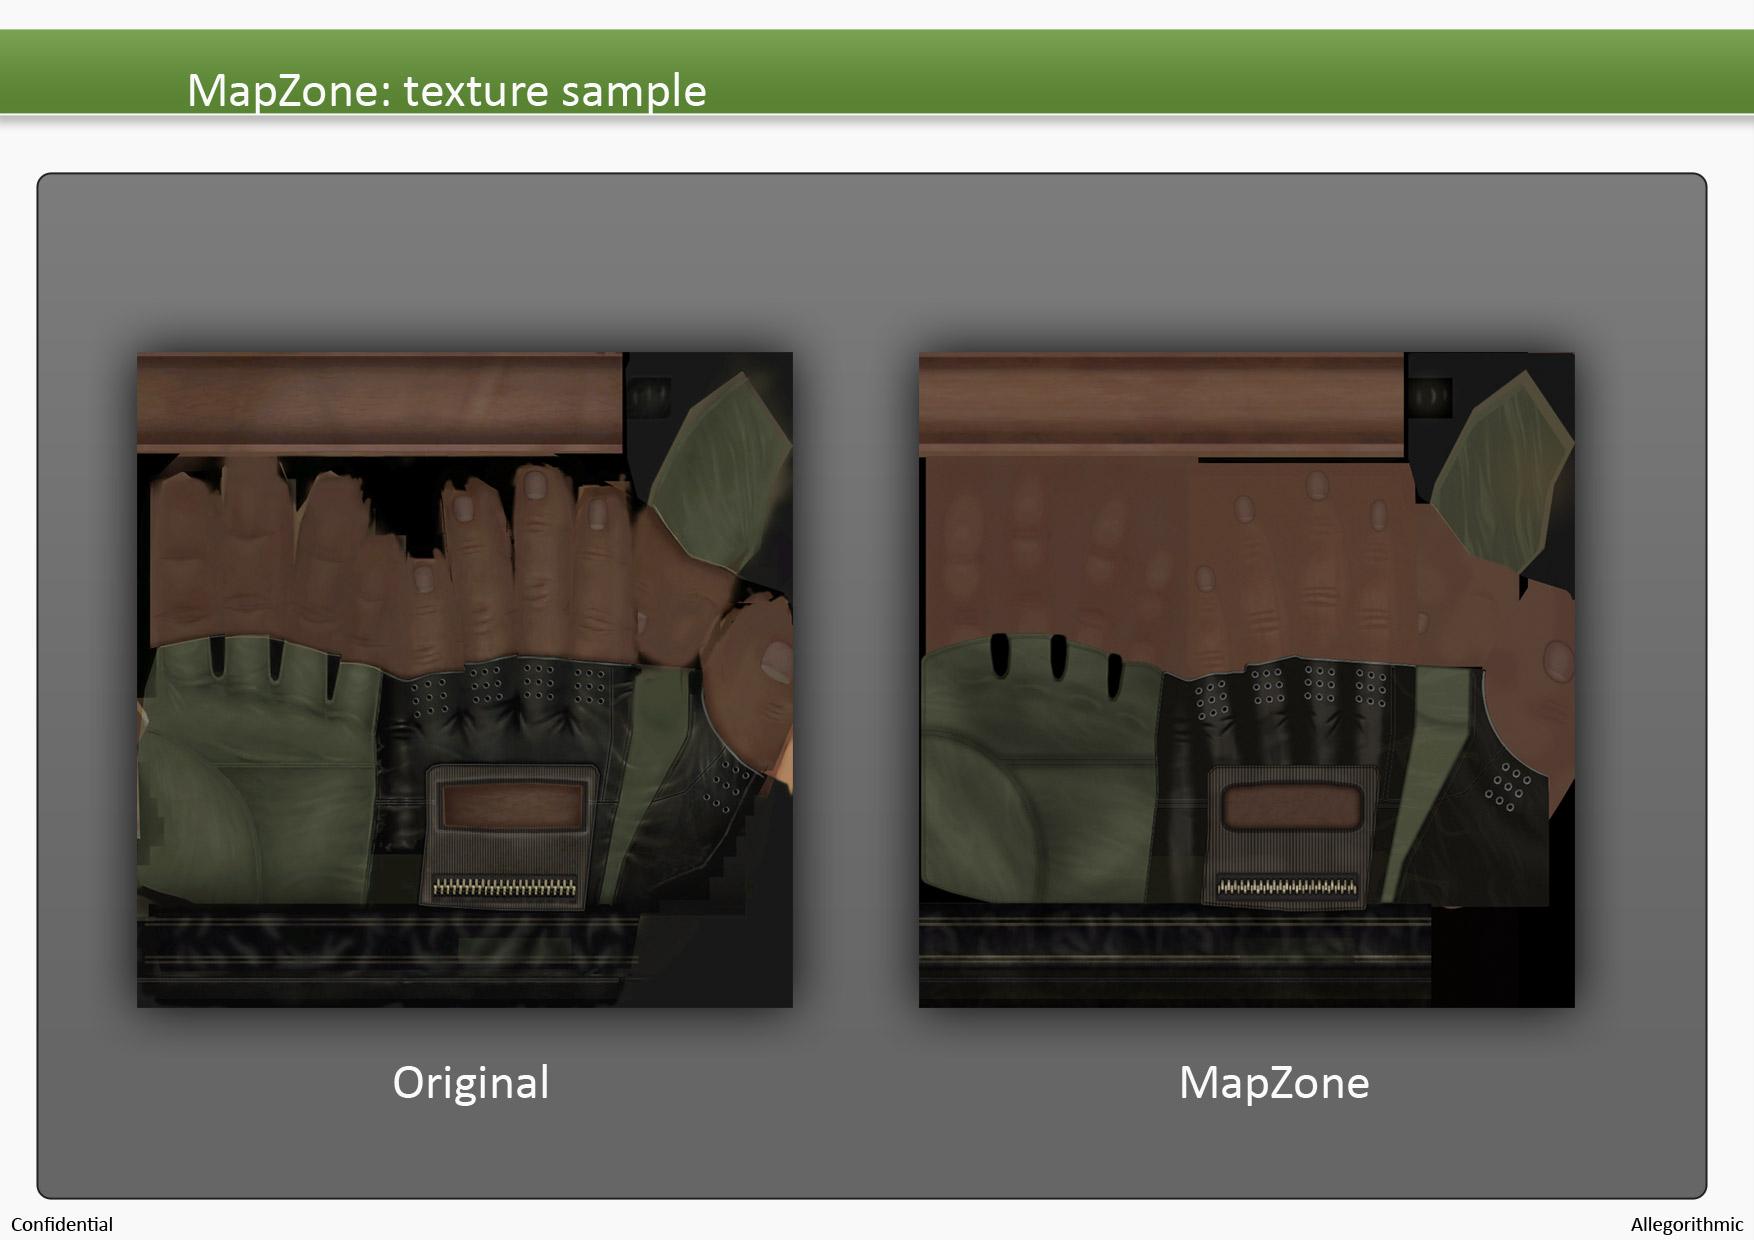 mapzone_texture_sample